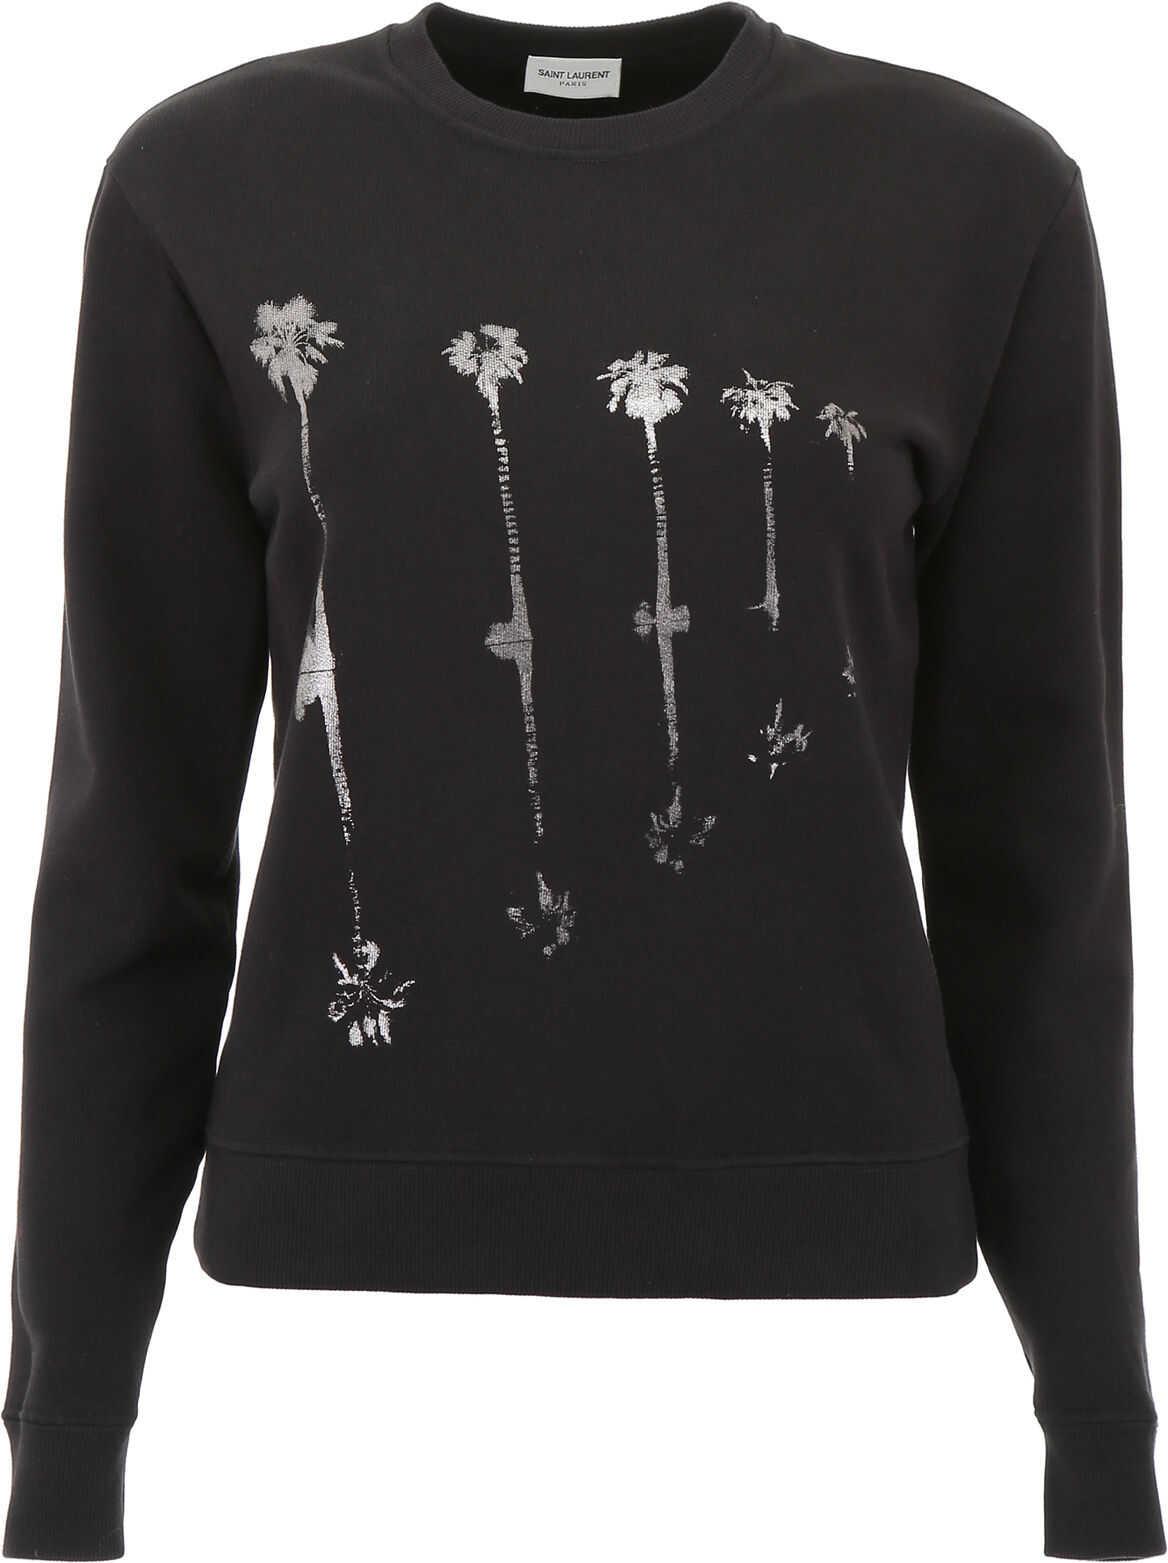 Saint Laurent Sweatshirt With Palms Print NOIR ARGENT